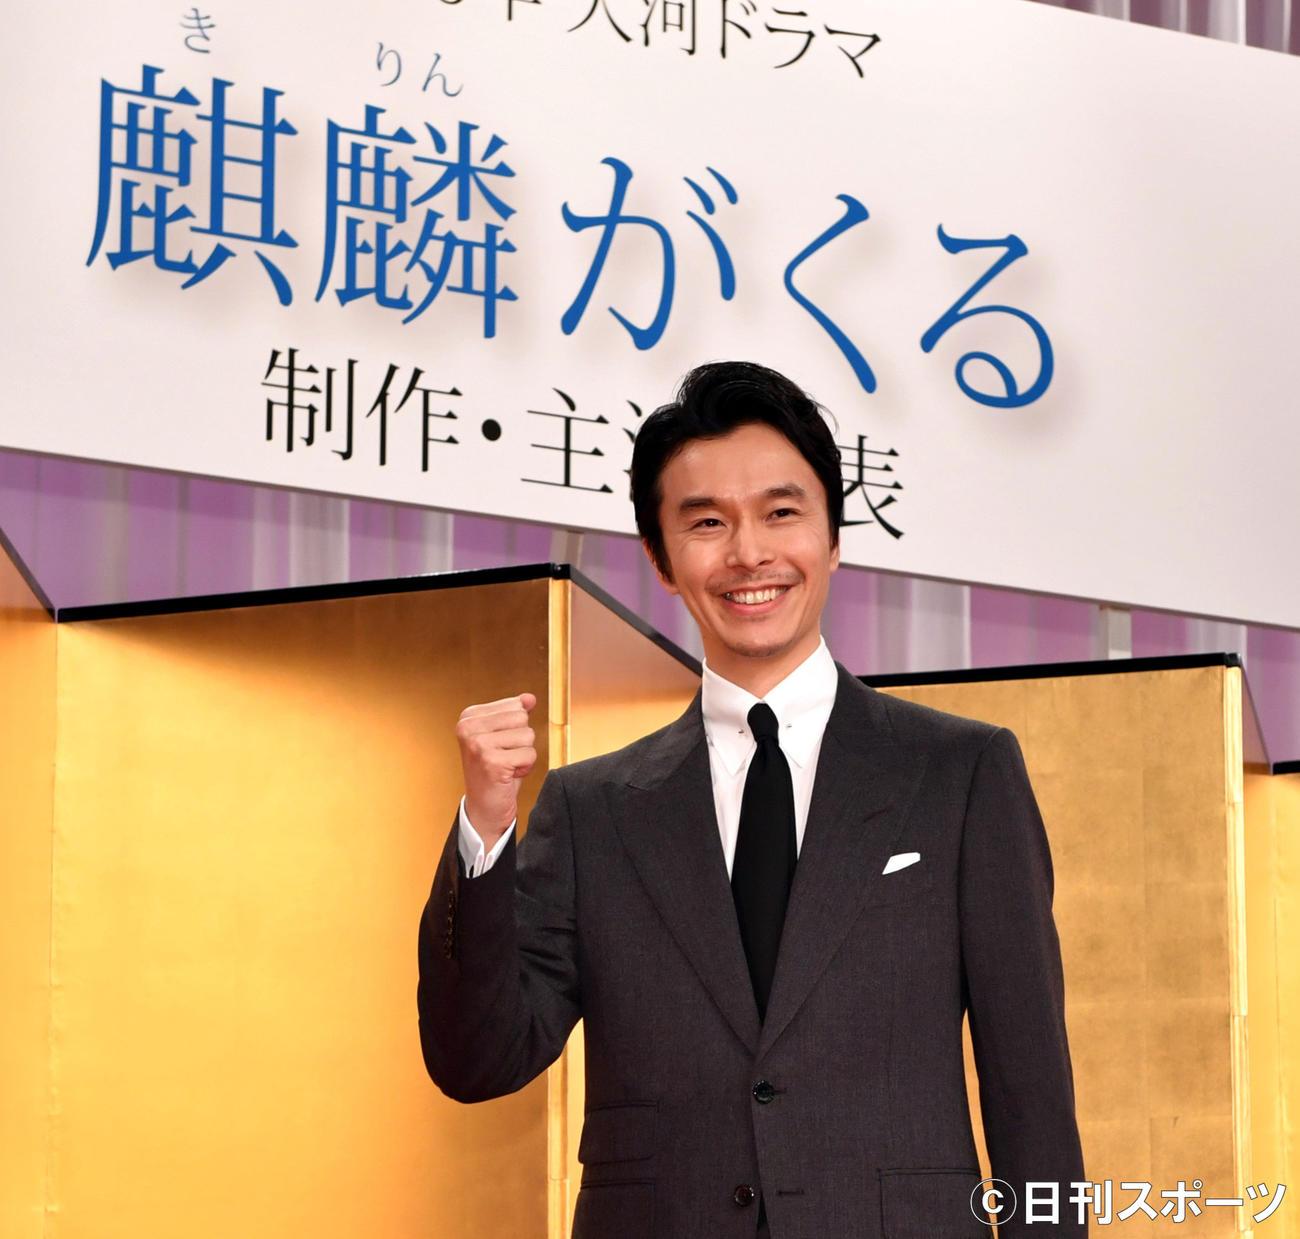 大河ドラマ「麒麟がくる」制作・主演発表に出席した主演の長谷川博己(2018年4月19日)